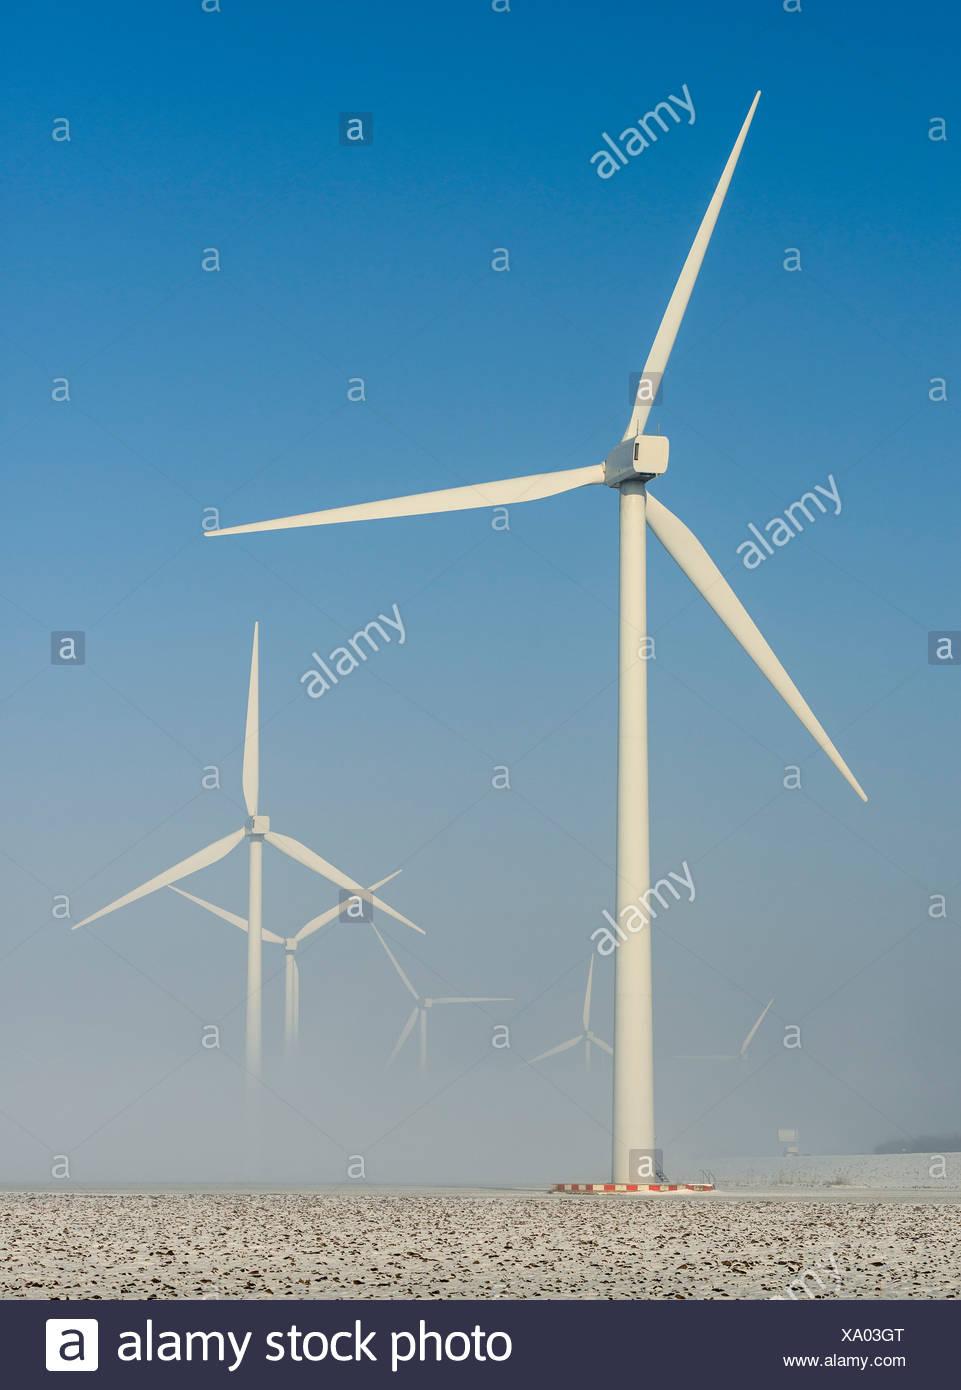 Wind turbines in snowy landscape - Stock Image